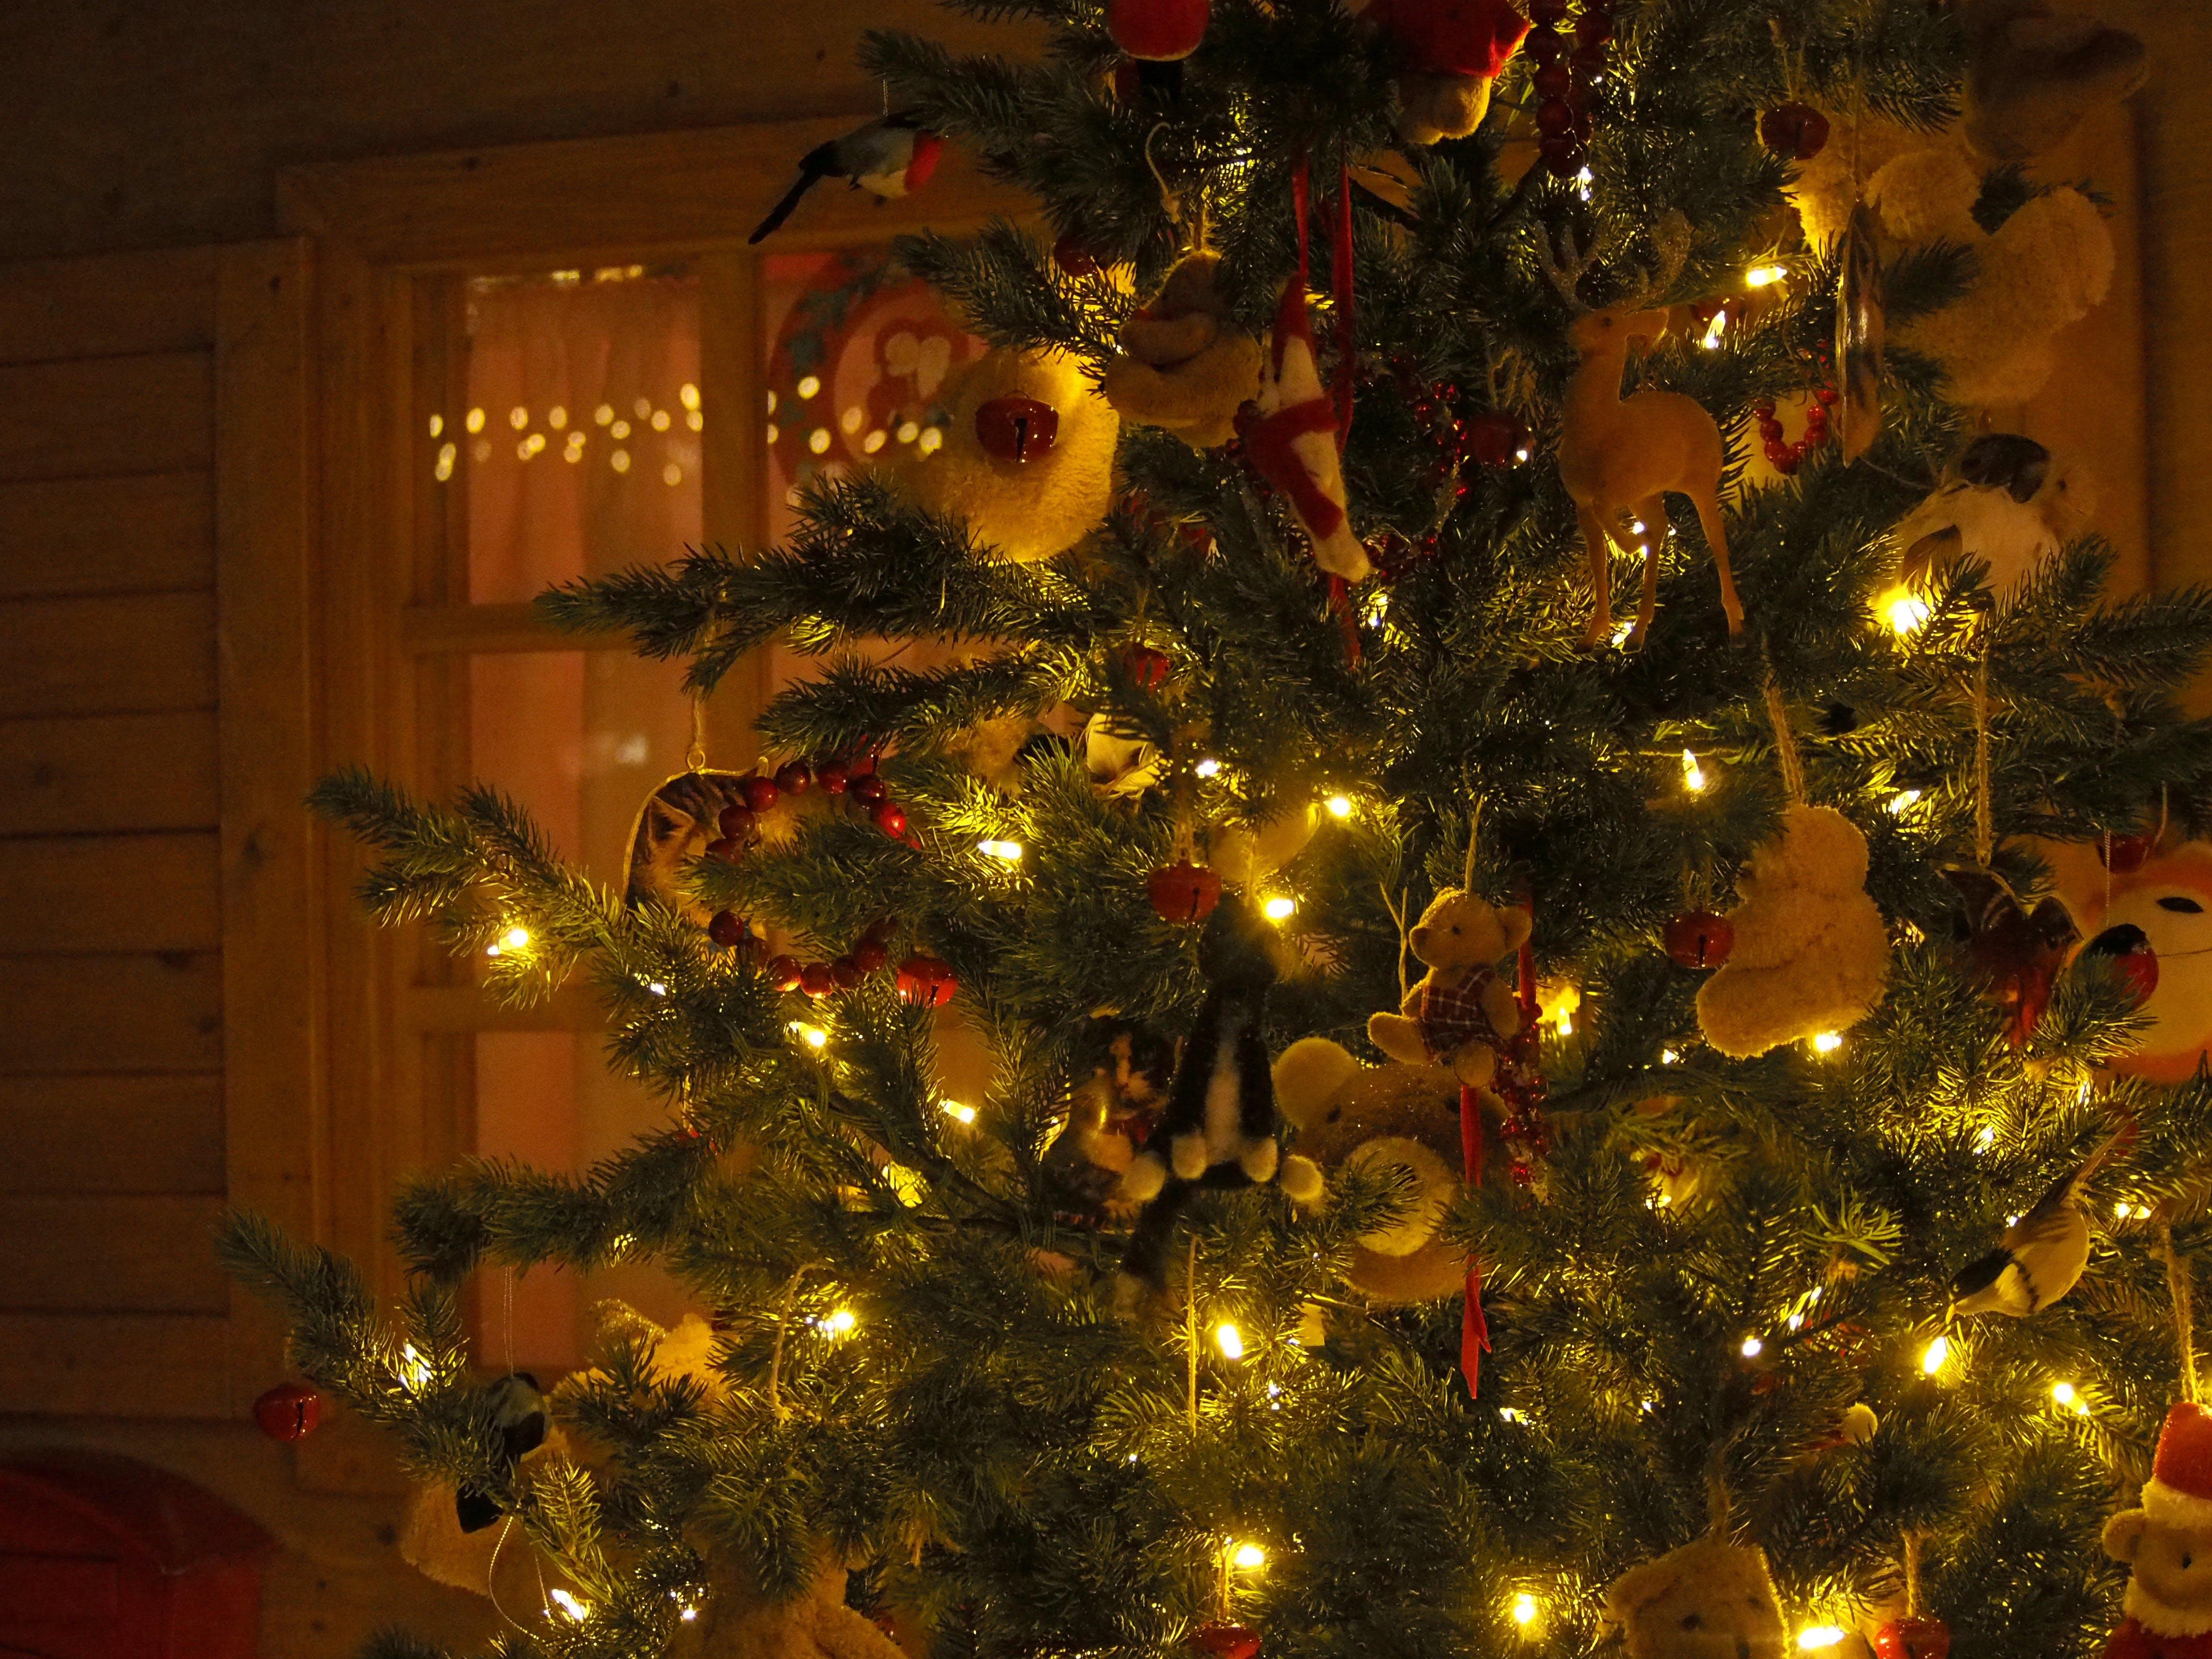 Free stock photo of # lights, #christmas, #christmas tree, #teddy bears